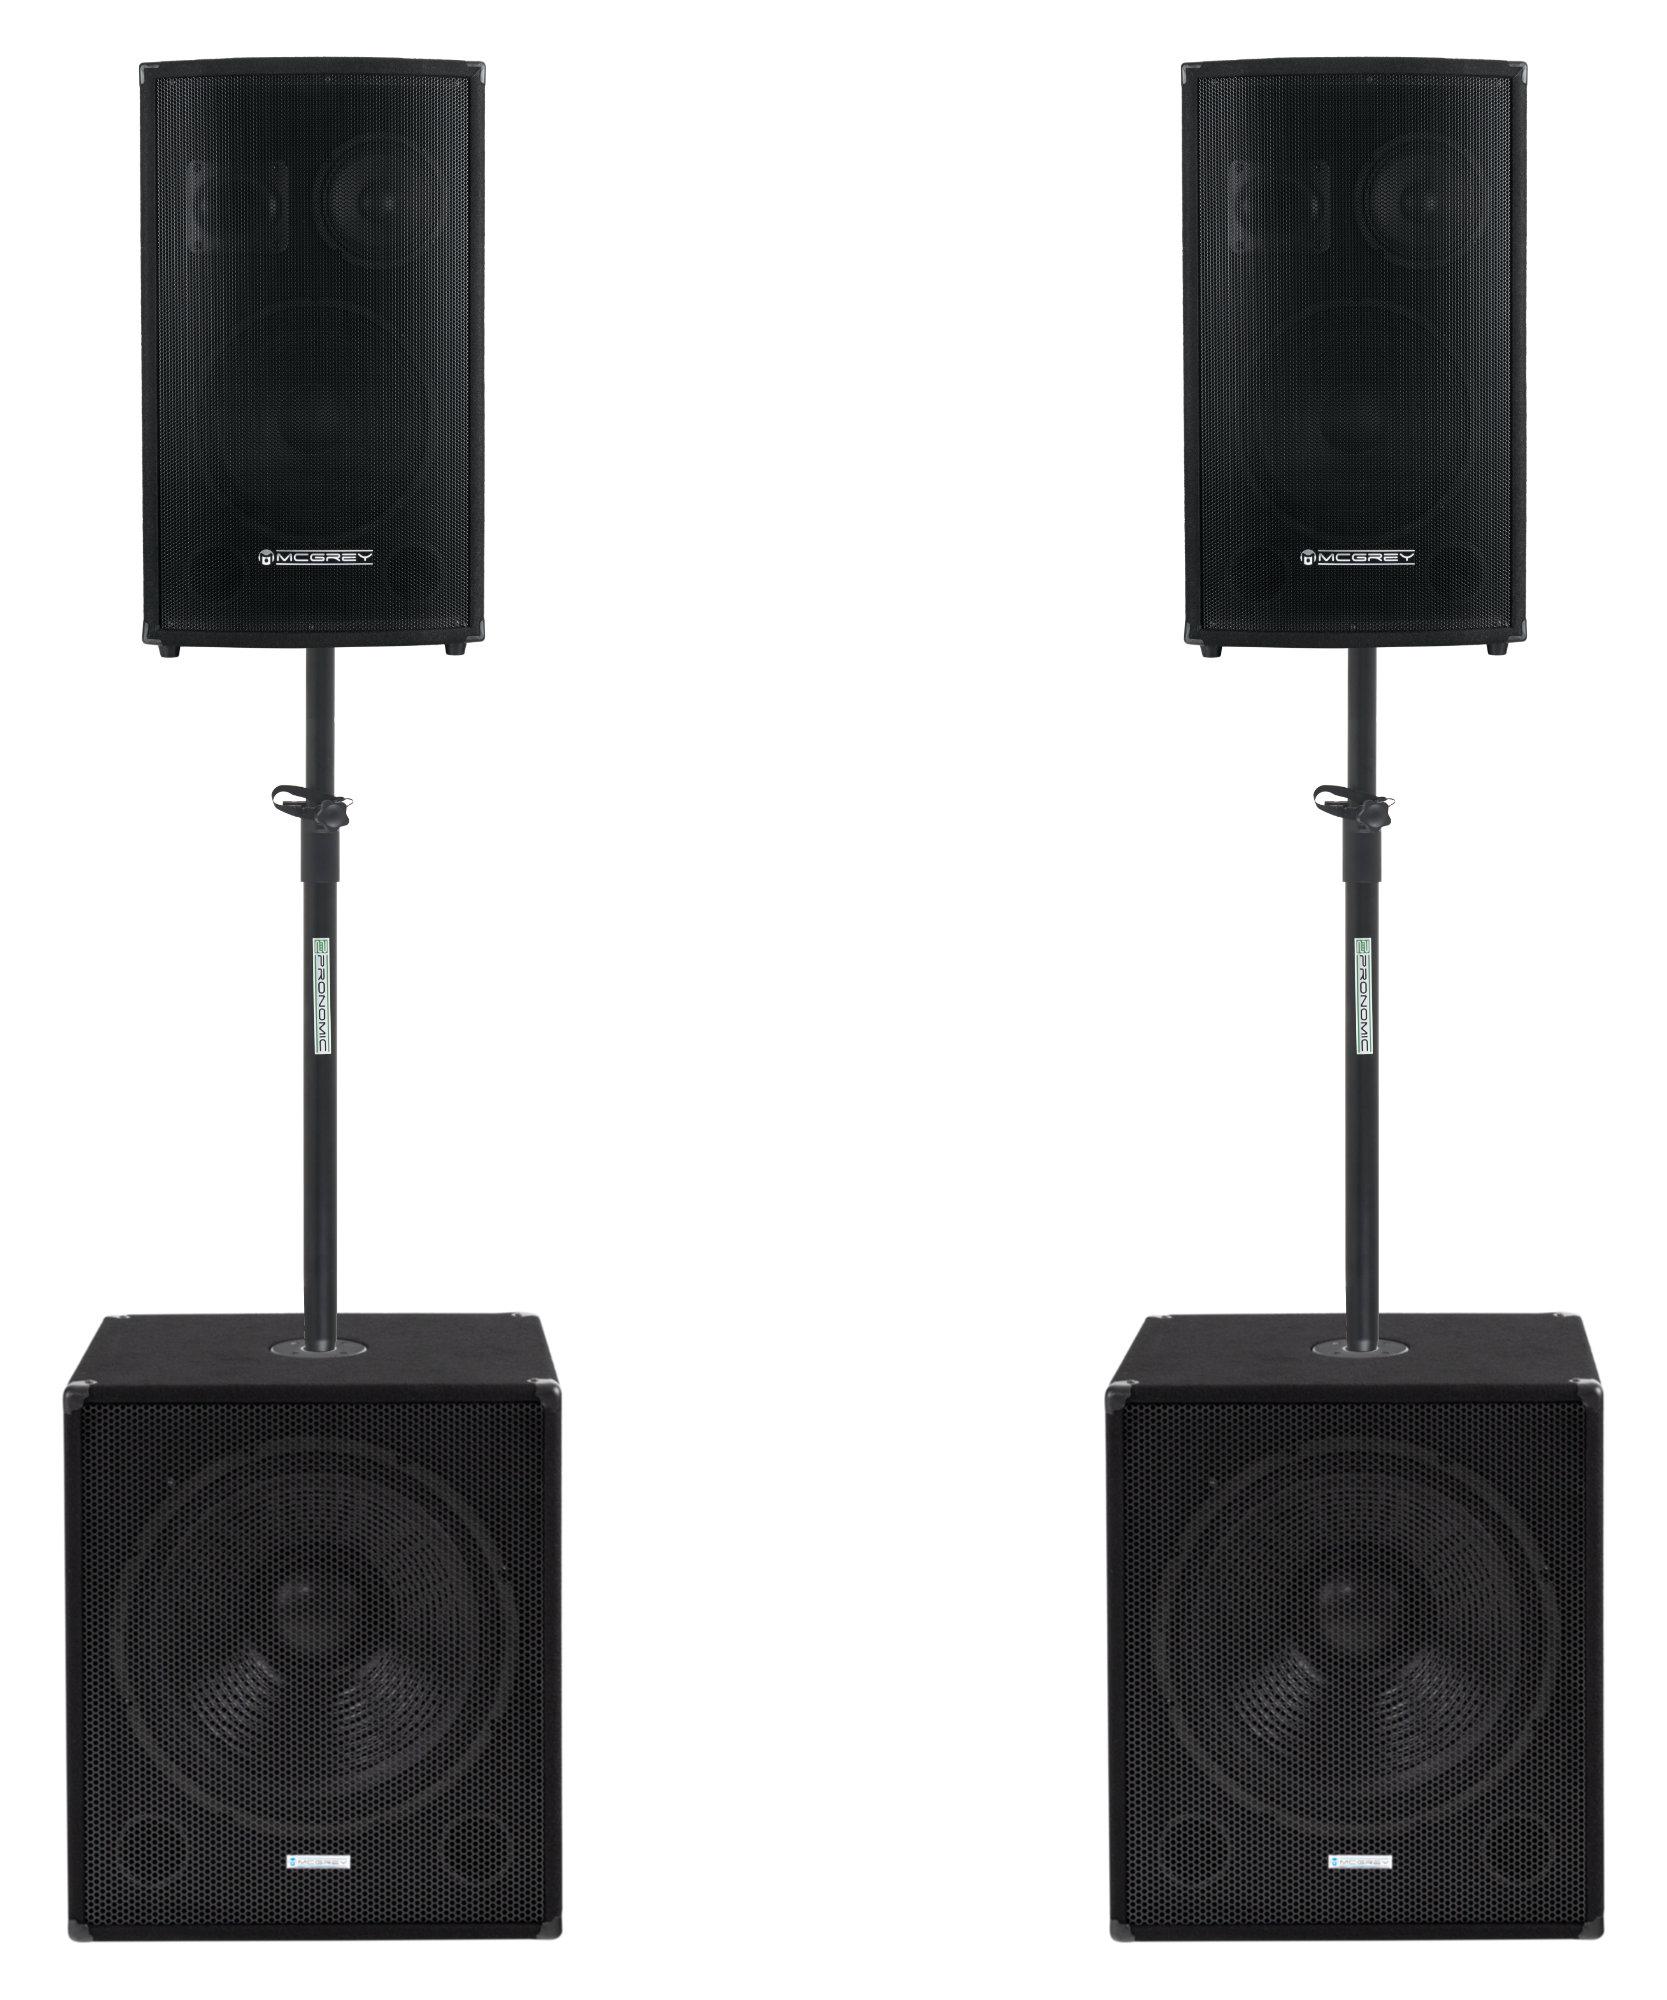 Boxenkomplettanlagen - McGrey Powerstage 1812 2.2 PA Anlage 1500 Watt - Onlineshop Musikhaus Kirstein